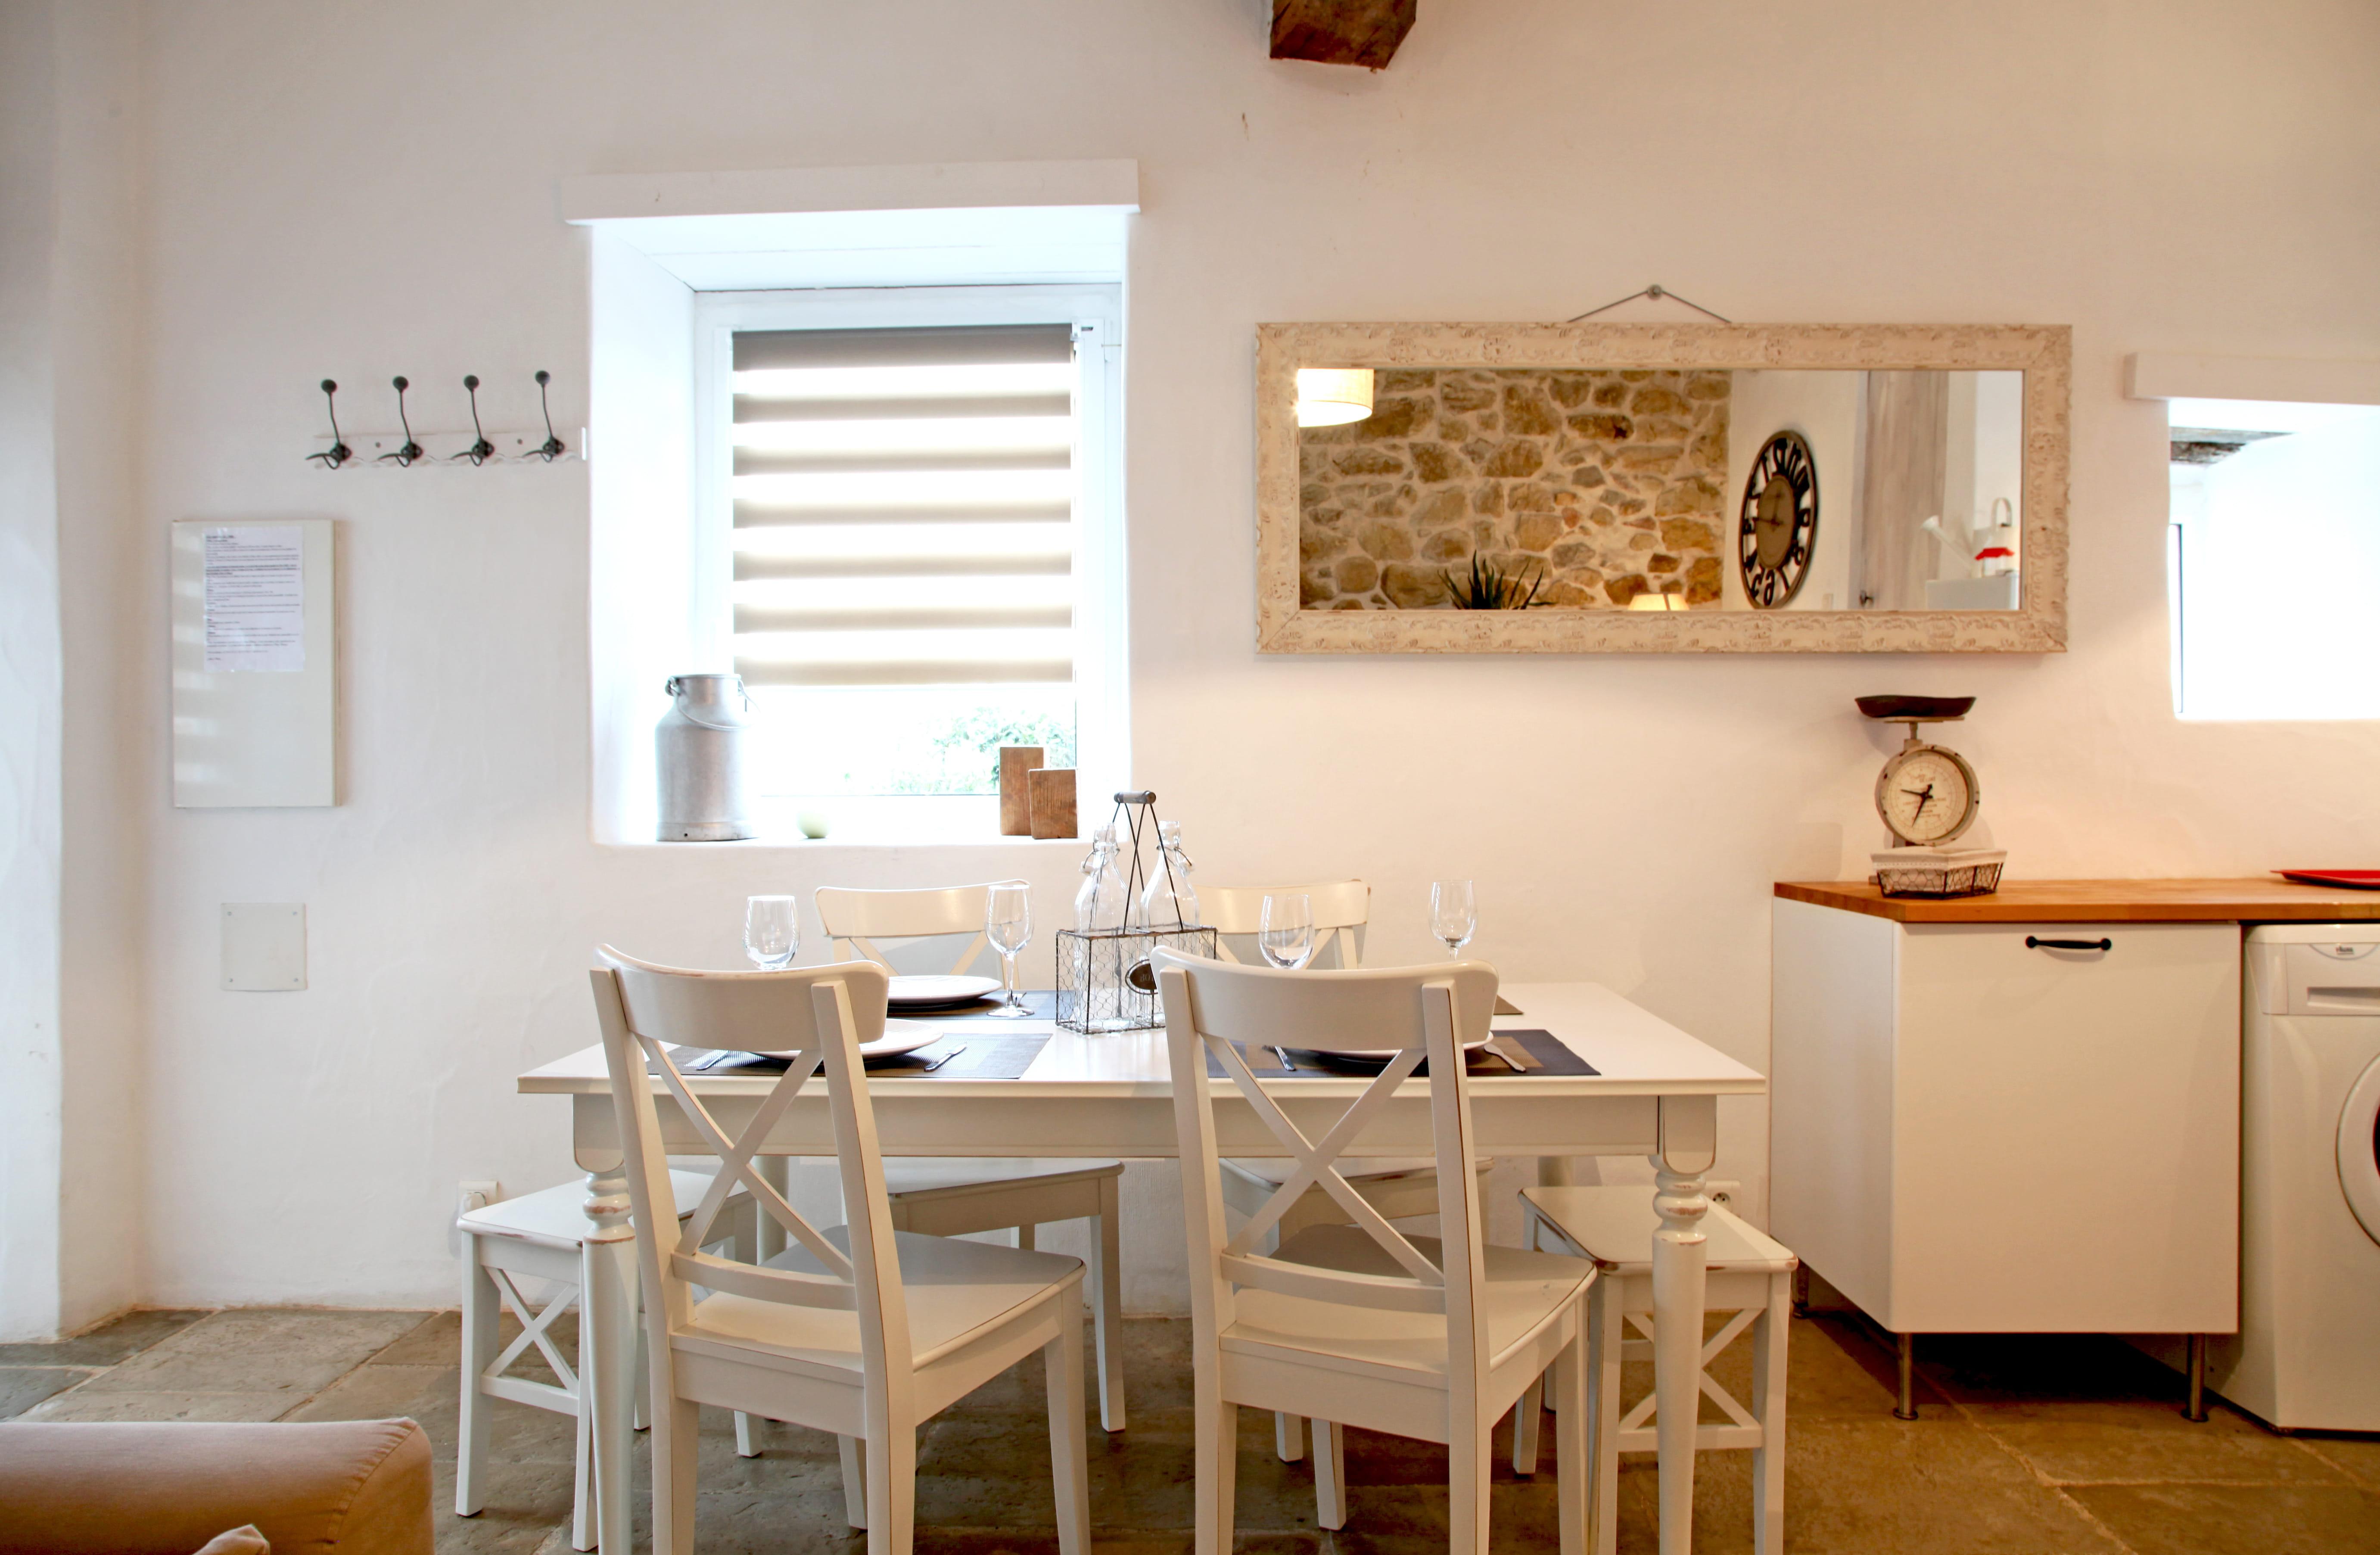 Cuisine style bord de mer maison design for Cuisine style bord de mer